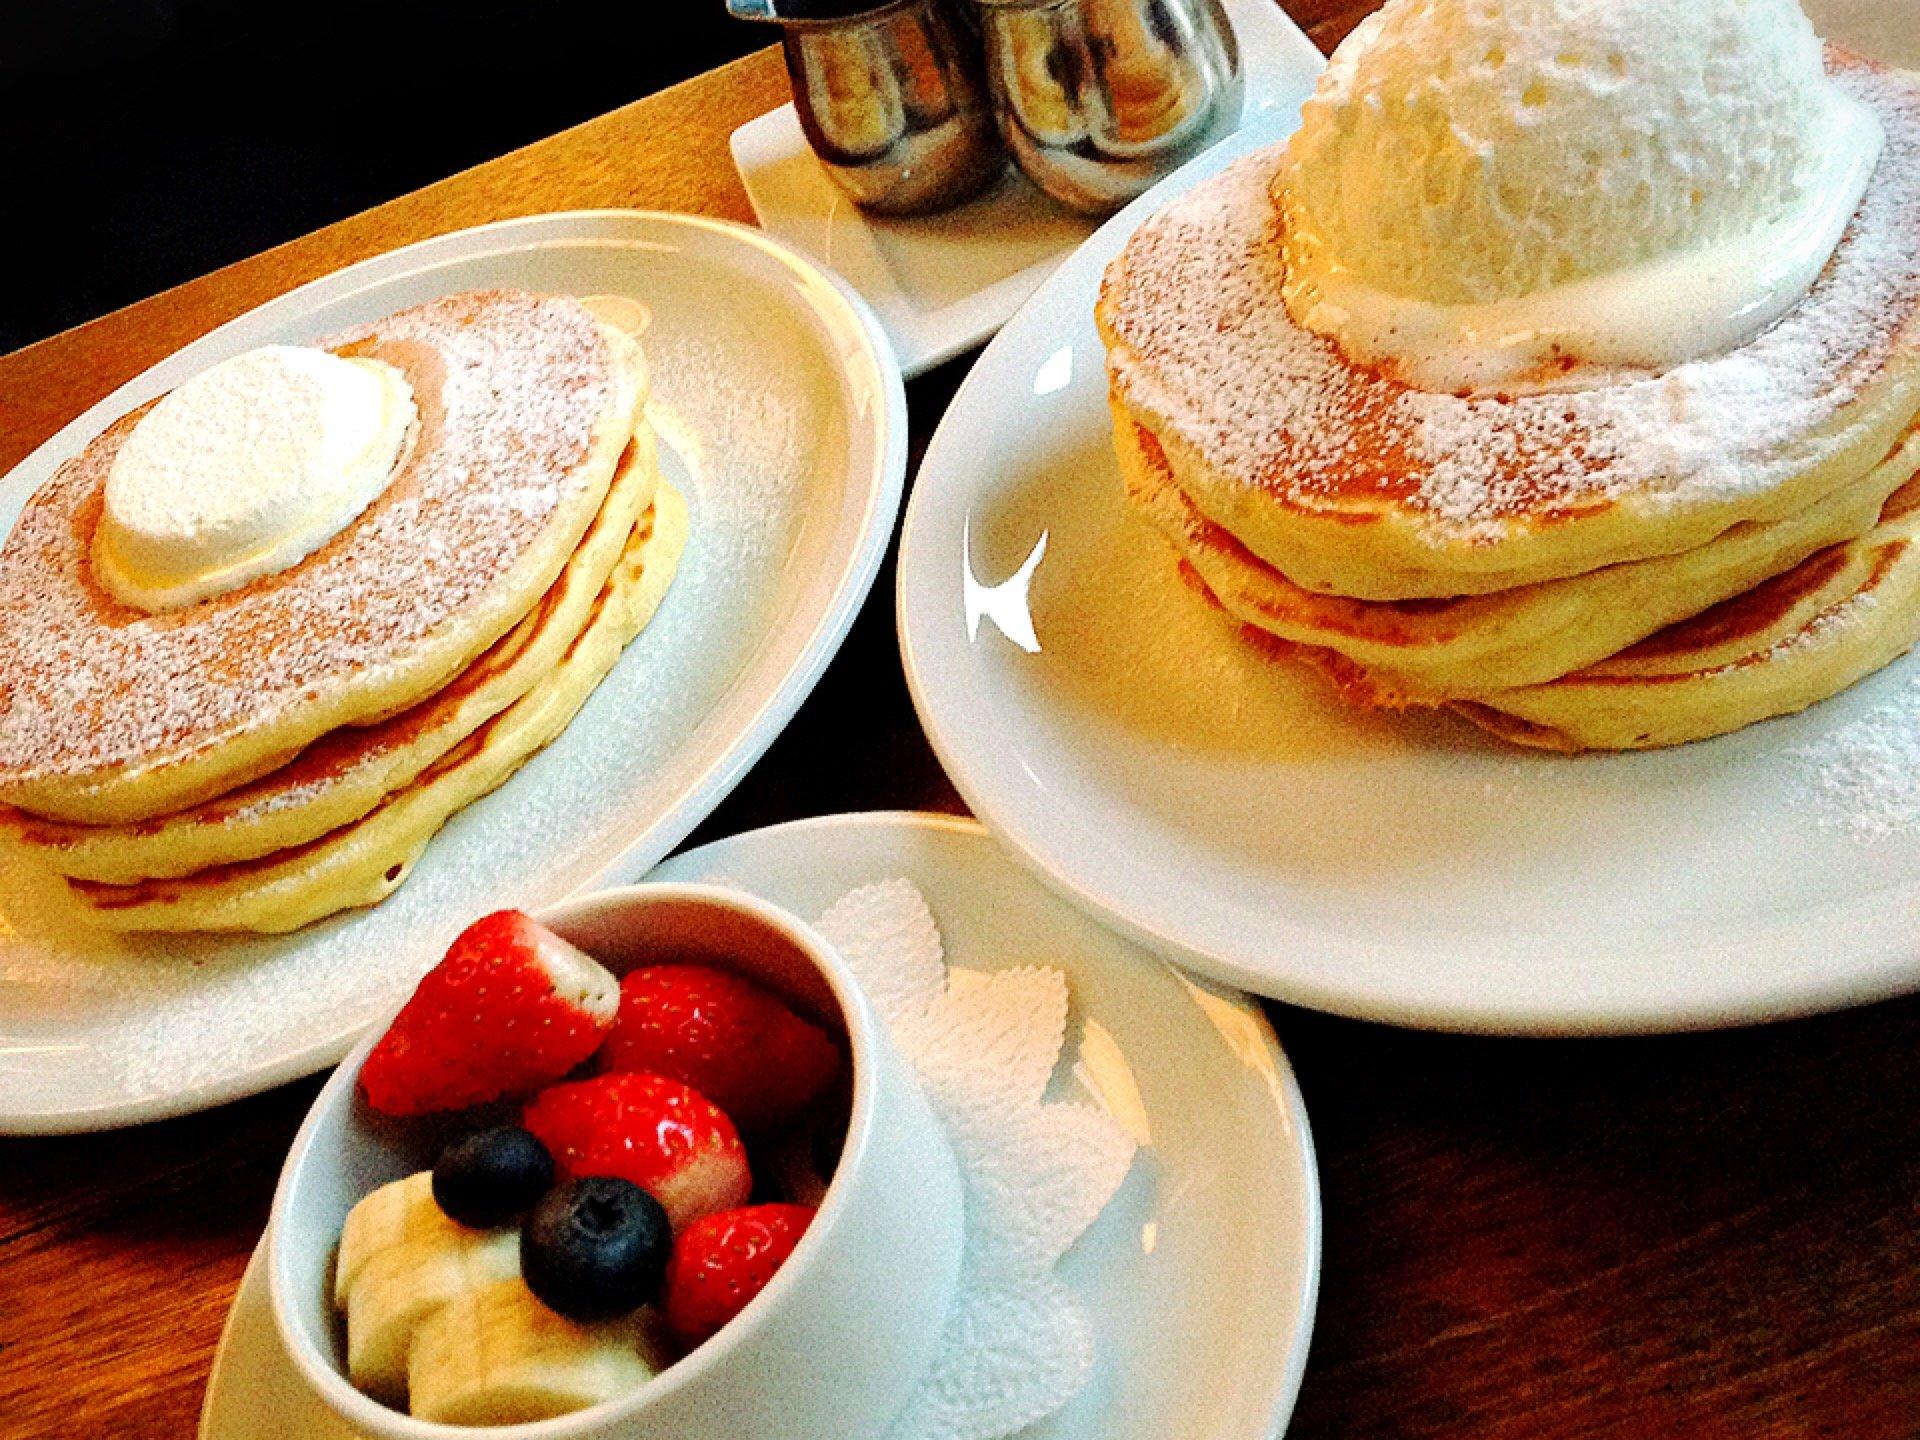 【食べログ3.5越え!】大のパンケーキマニアが教える!本当に美味しいパンケーキ専門店5選